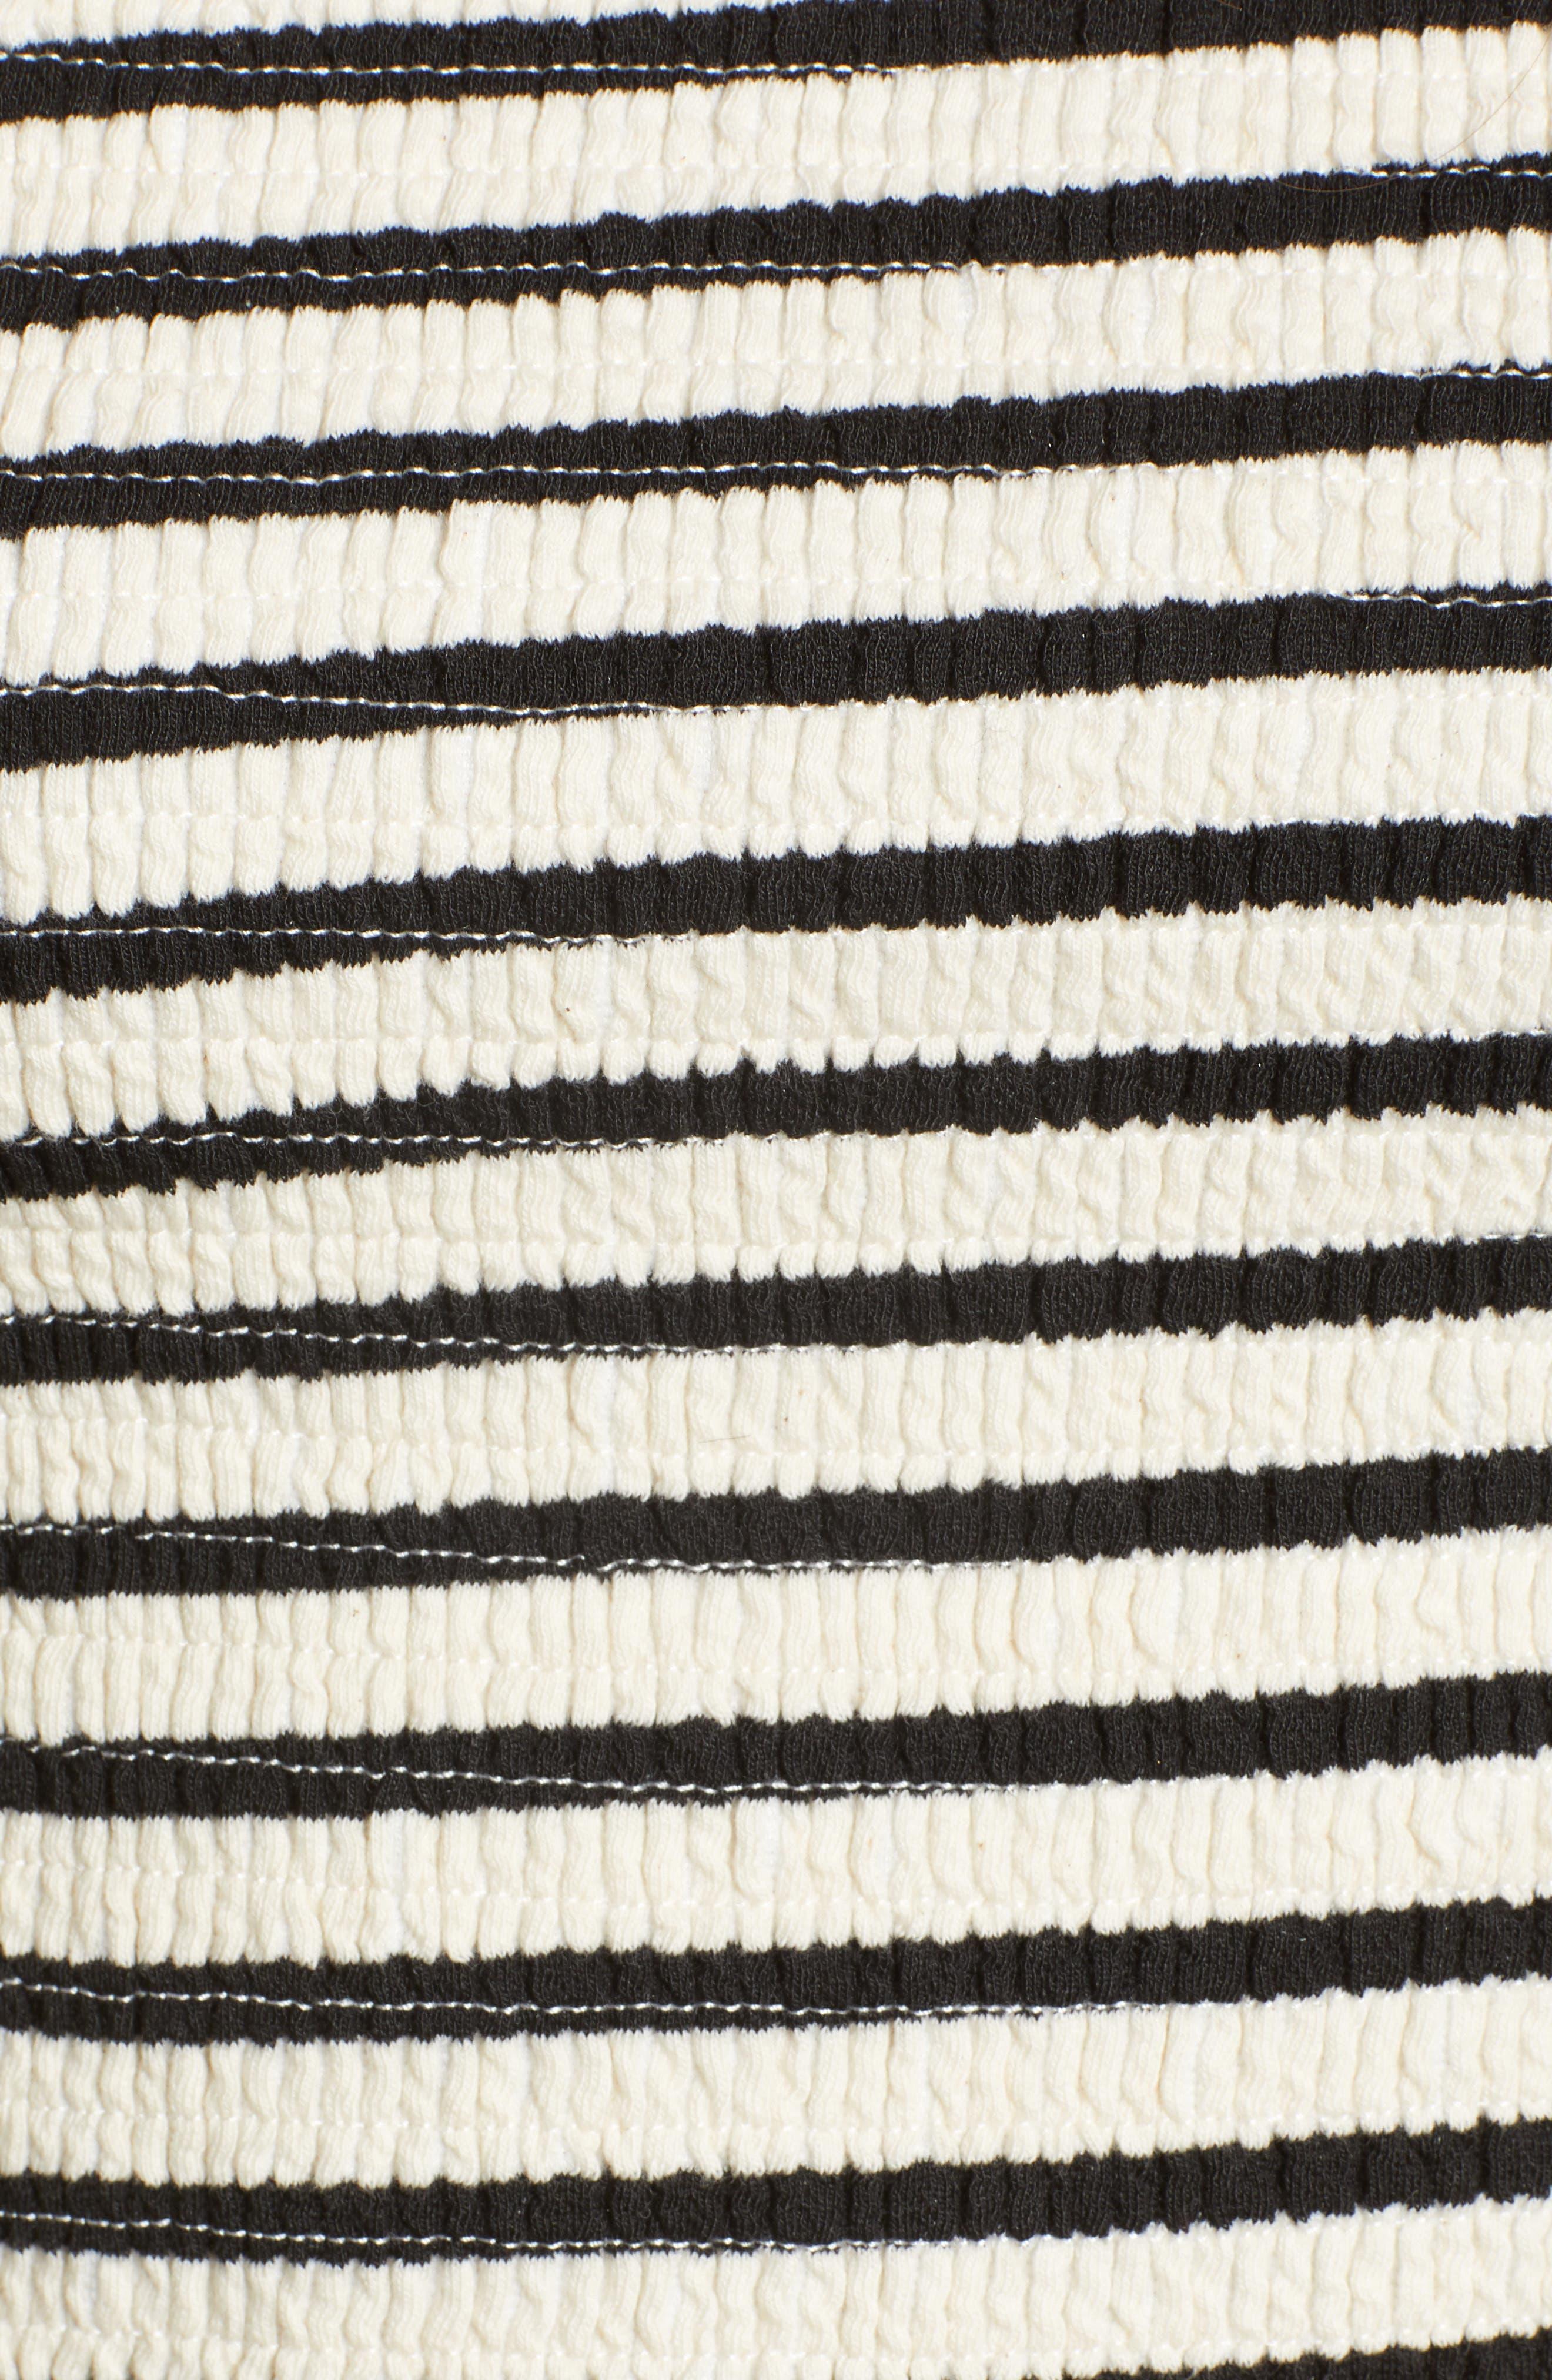 Bishop + Young Stripe Off the Shoulder Top,                             Alternate thumbnail 6, color,                             BLACK STRIPE